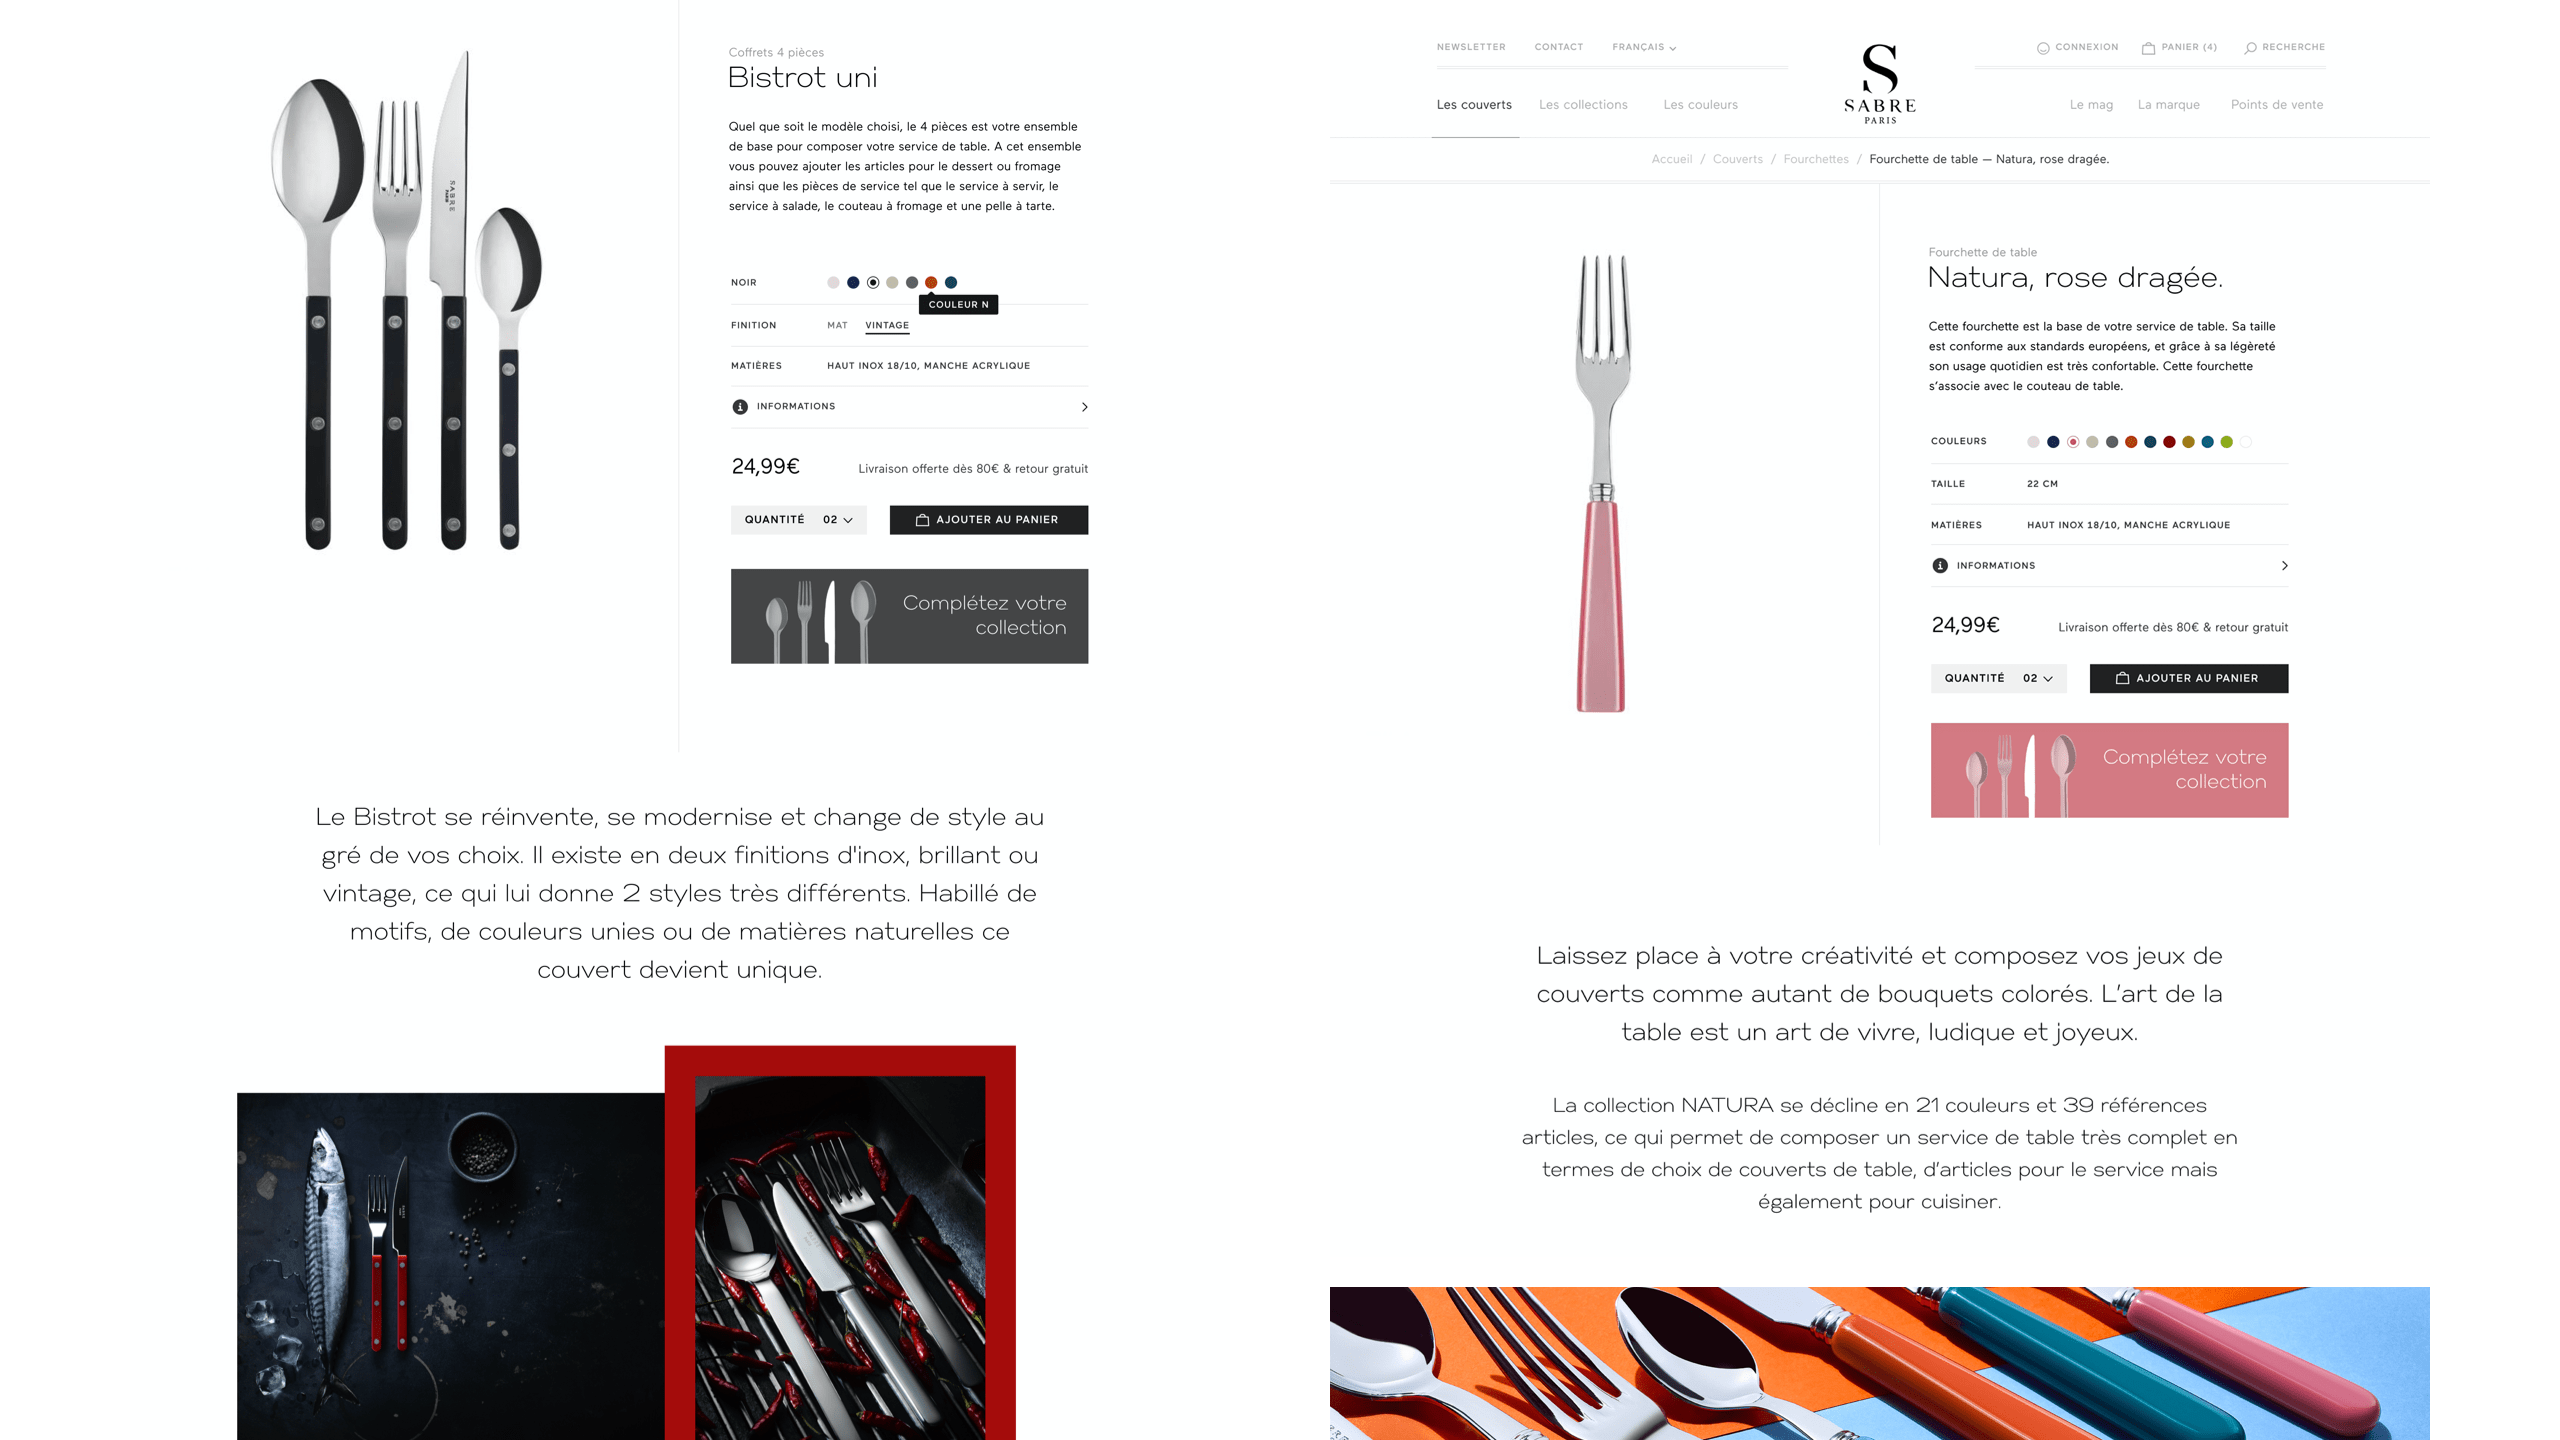 Sabre-4-page-produit